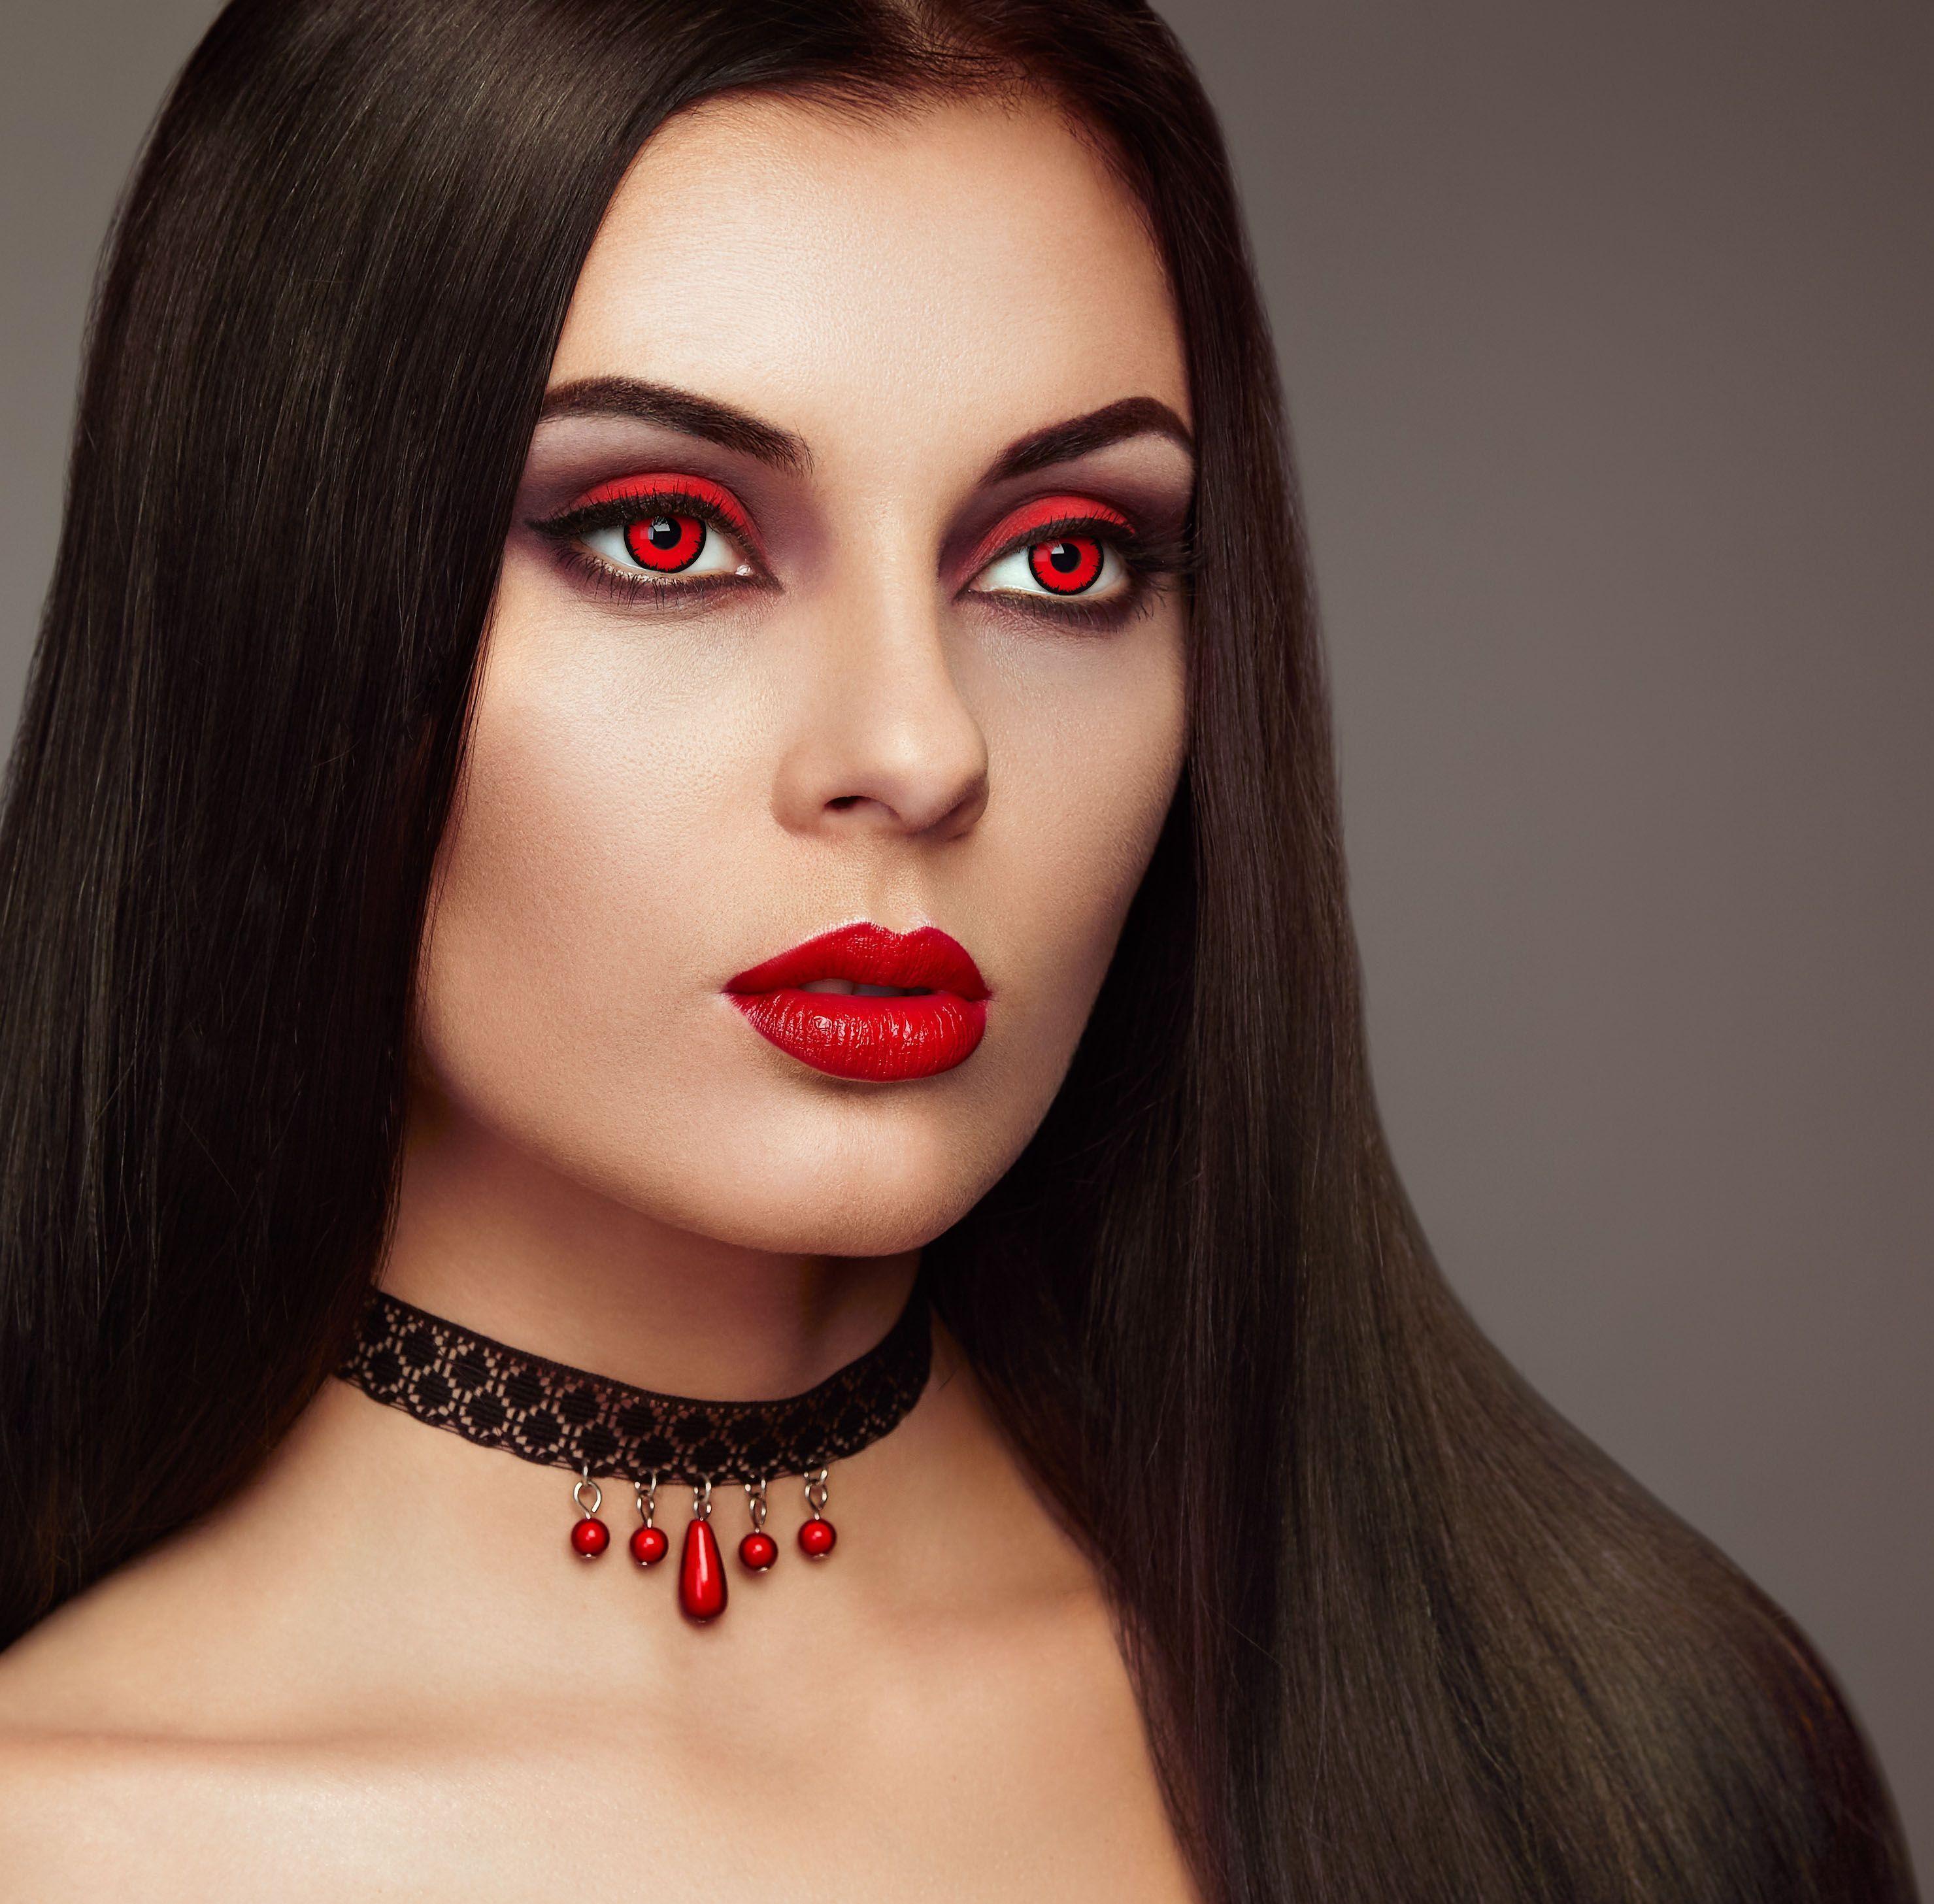 Halloween Make Up Ideen Halloween Ideen Makeup Halloween Make Up Ideen Halloween Make Up In 2020 Scary Vampire Vampire Makeup Halloween Halloween Make